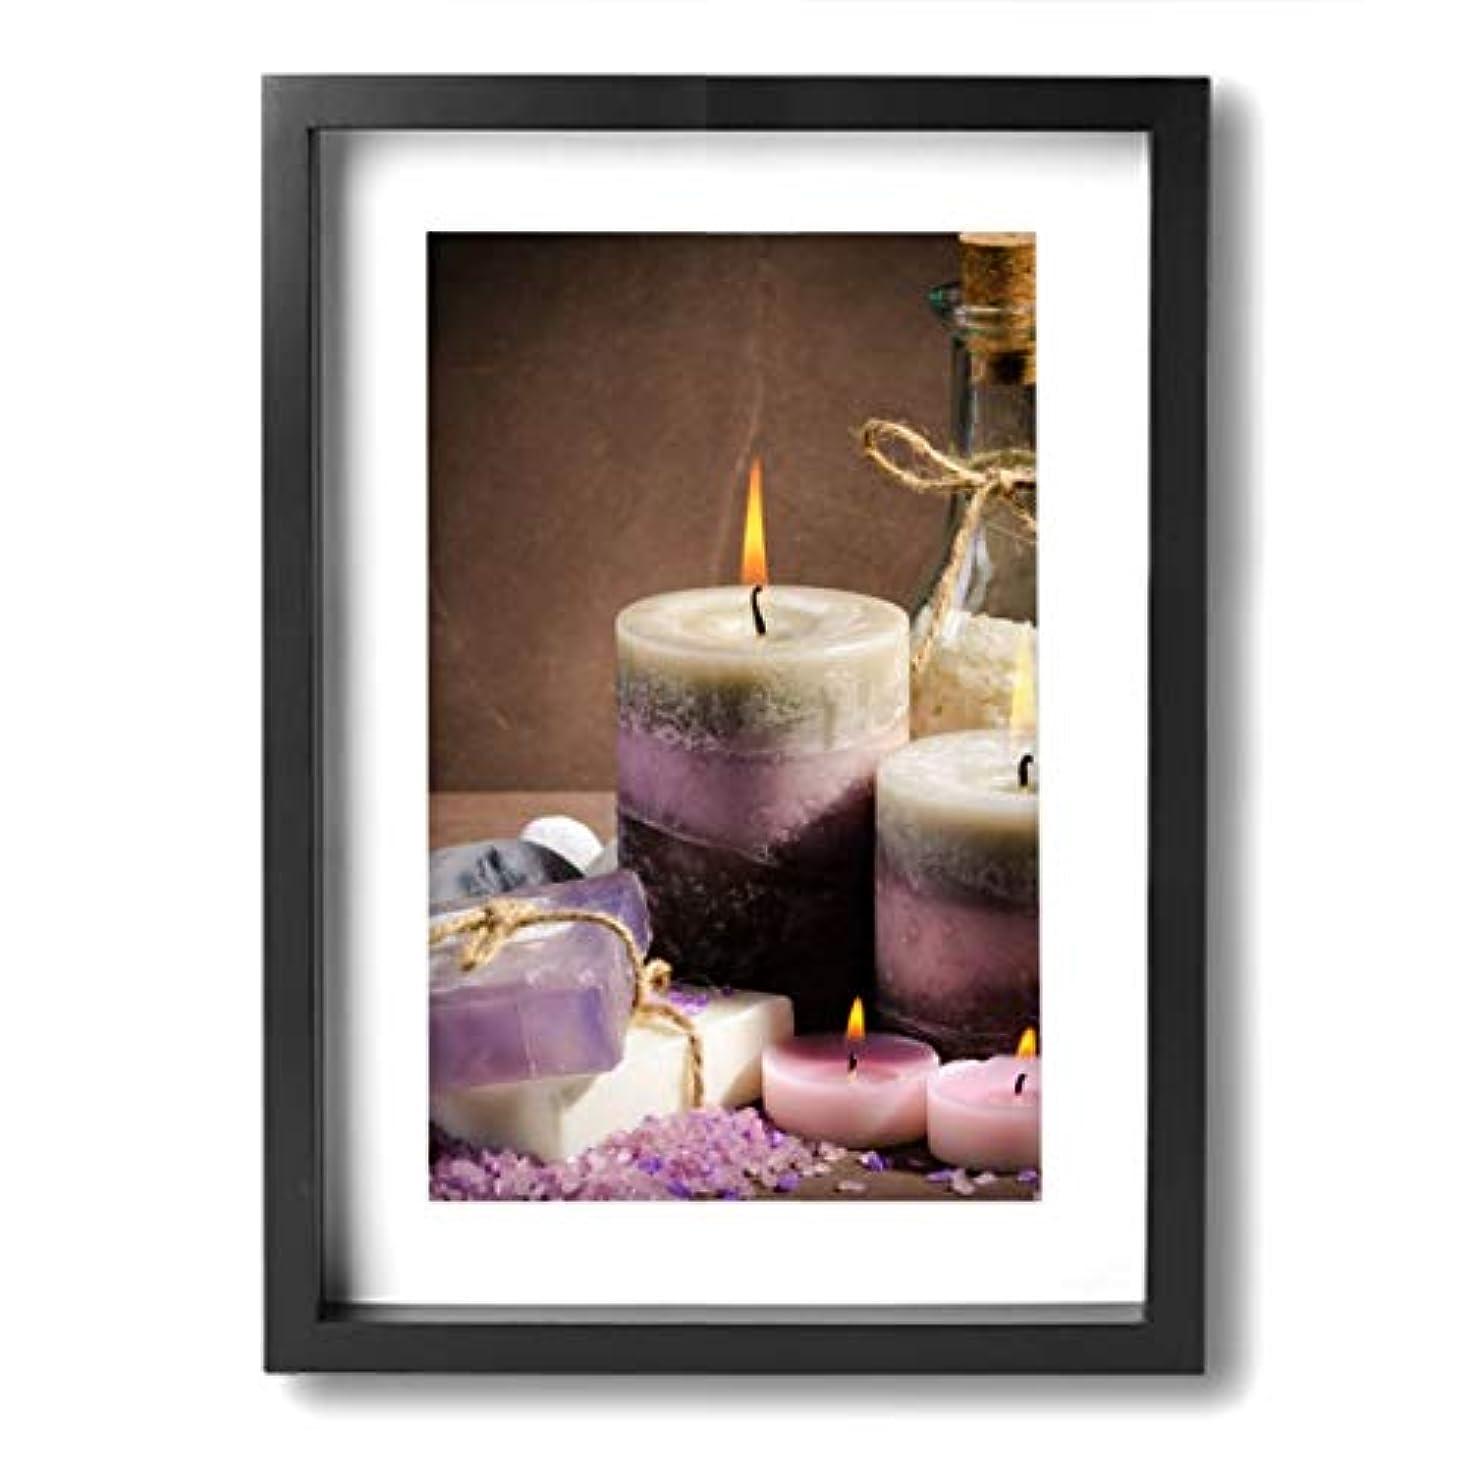 組立リム腸魅力的な芸術 20x30cm Spa Purple Color Candle Oil キャンバスの壁アート 画像プリント絵画リビングルームの壁の装飾と家の装飾のための現代アートワークハングする準備ができて